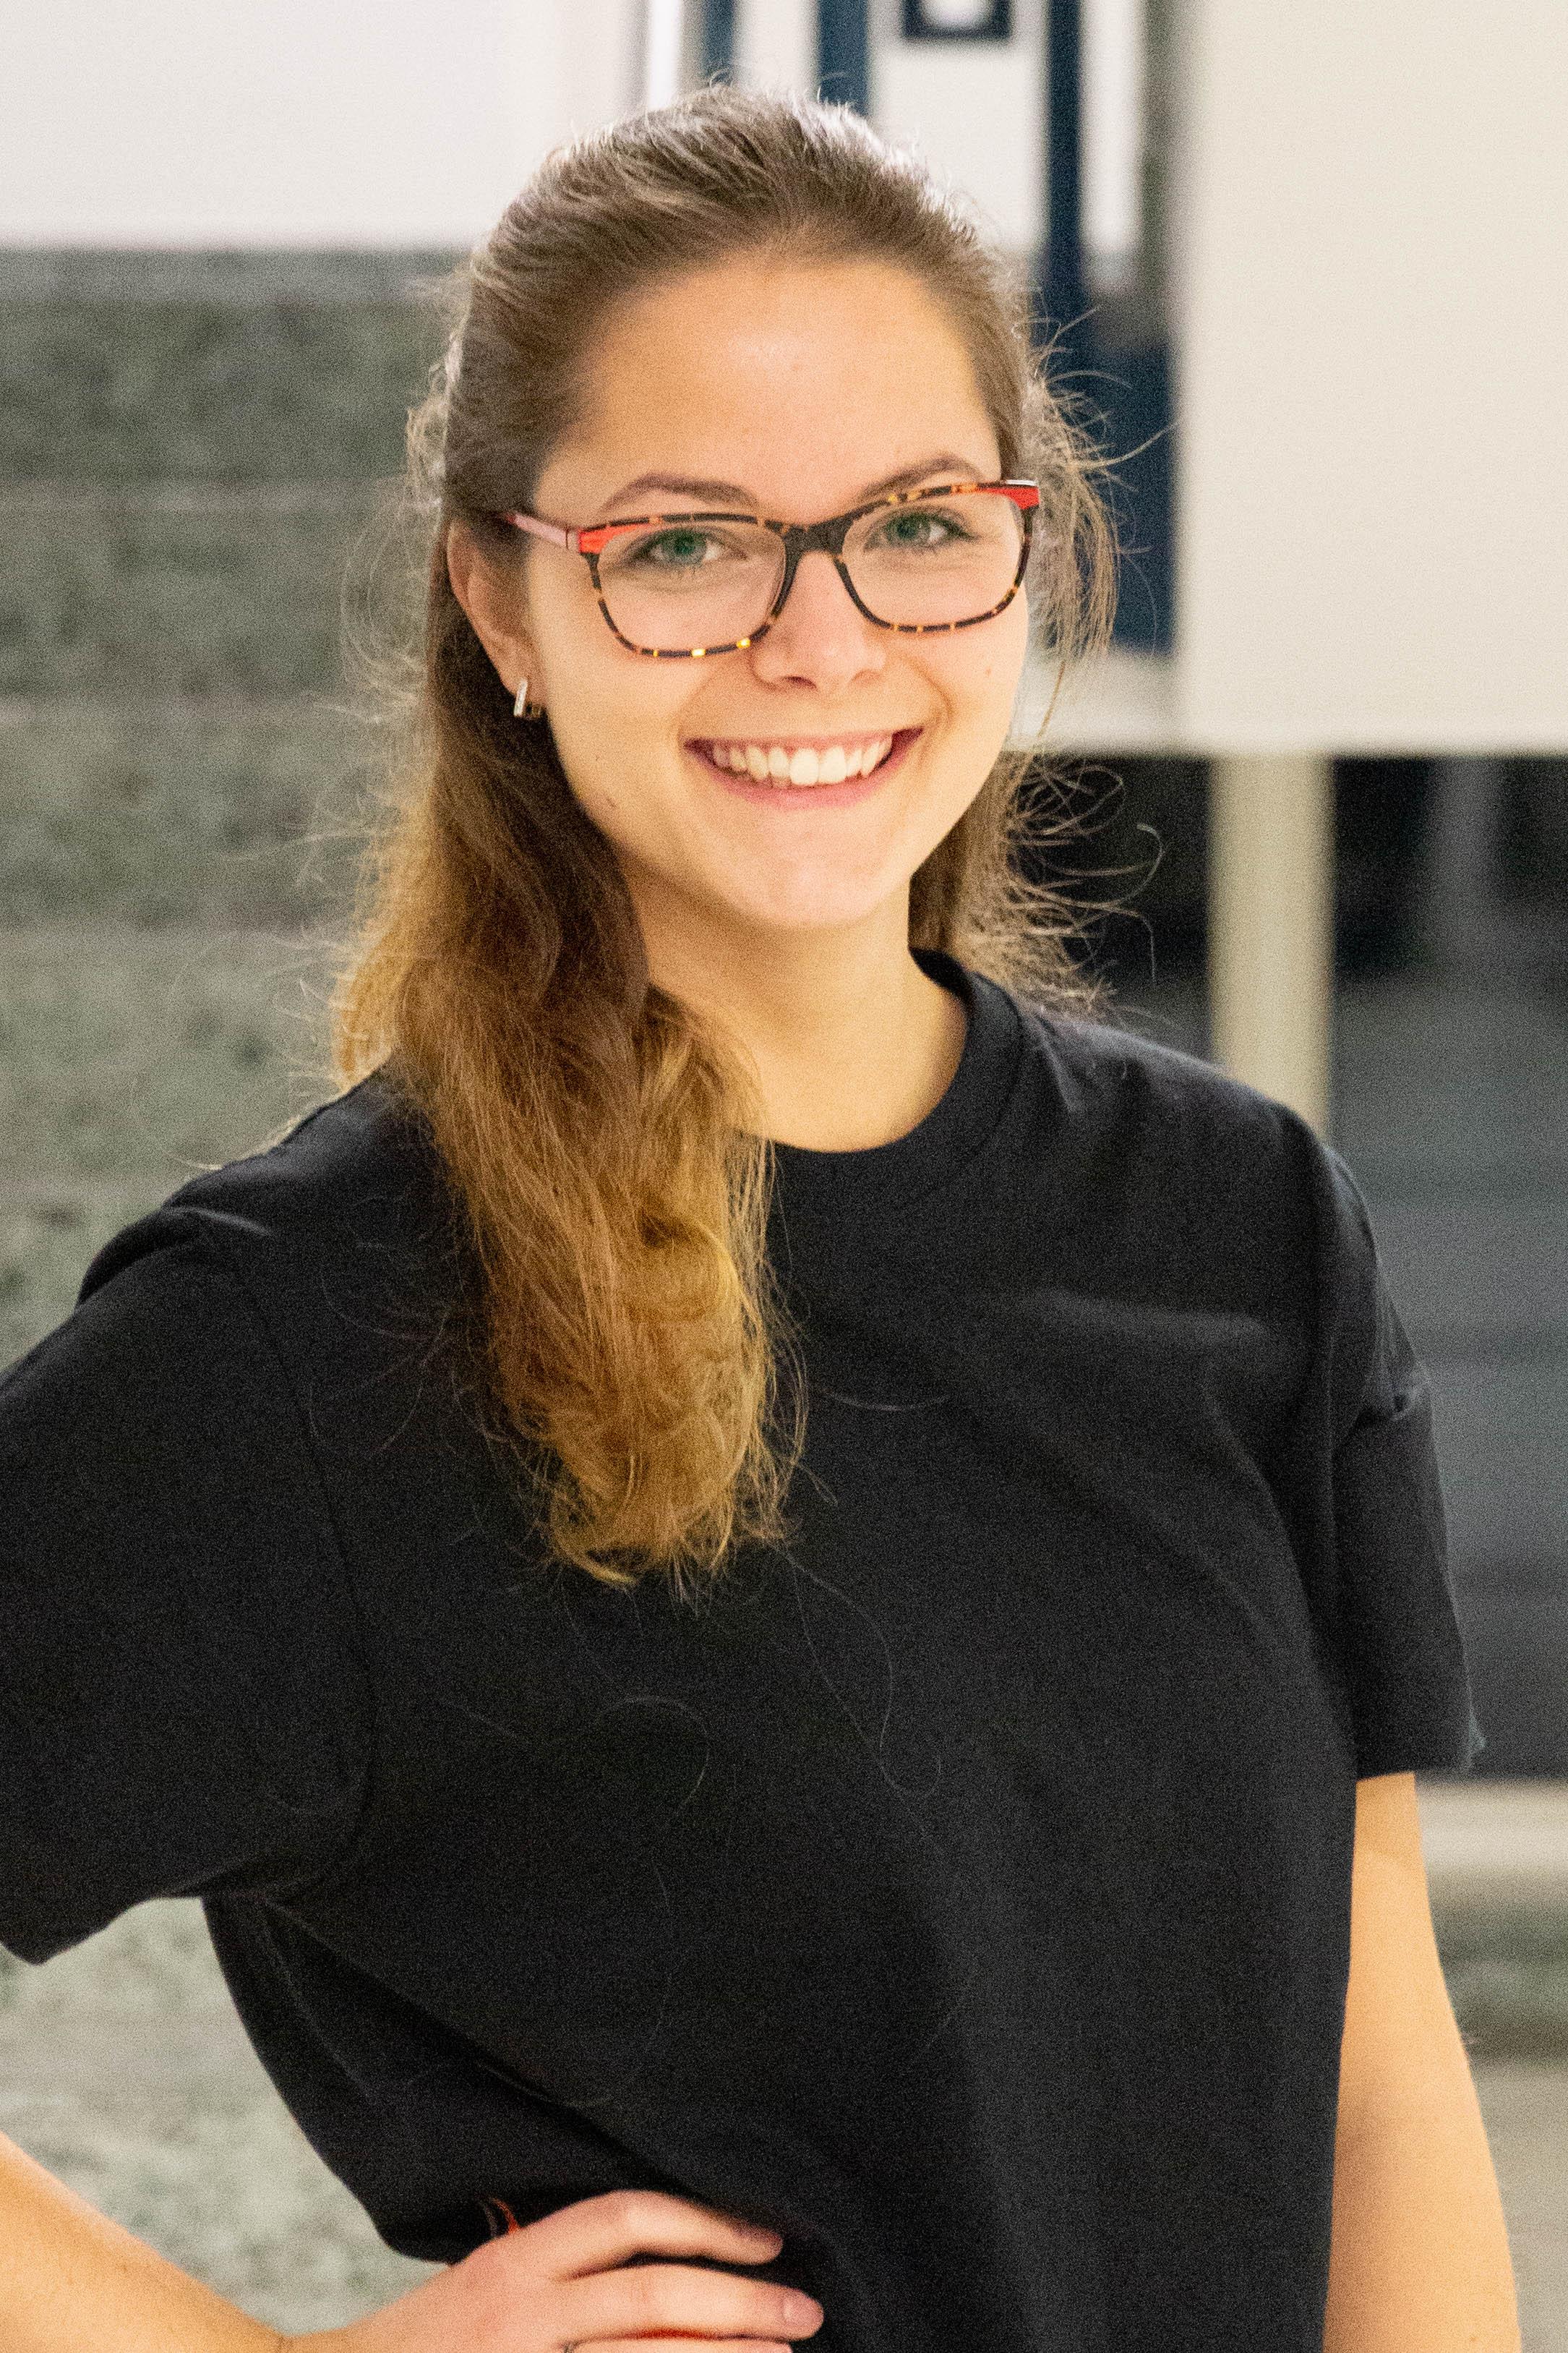 Gina Powitzer